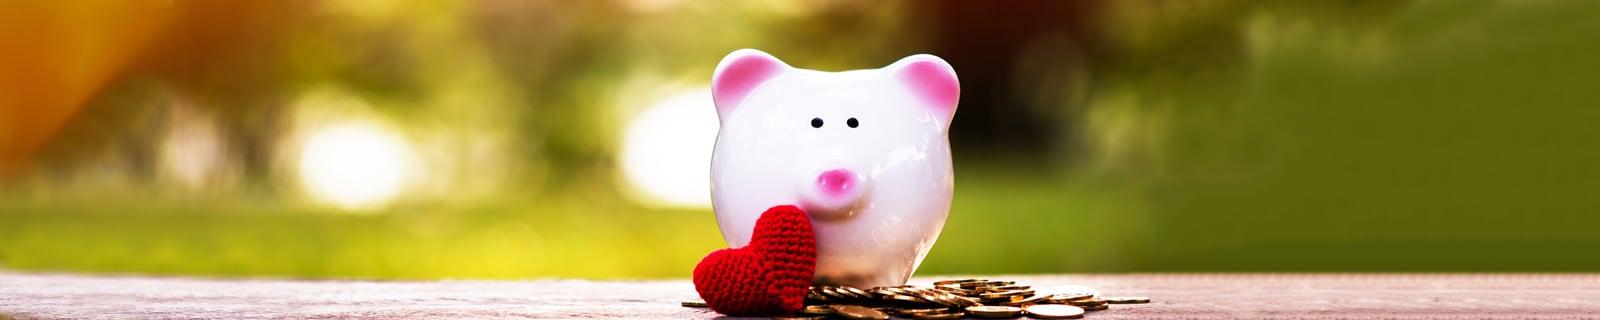 一個粉紅色的小豬儲蓄箱與一個編織的愛心